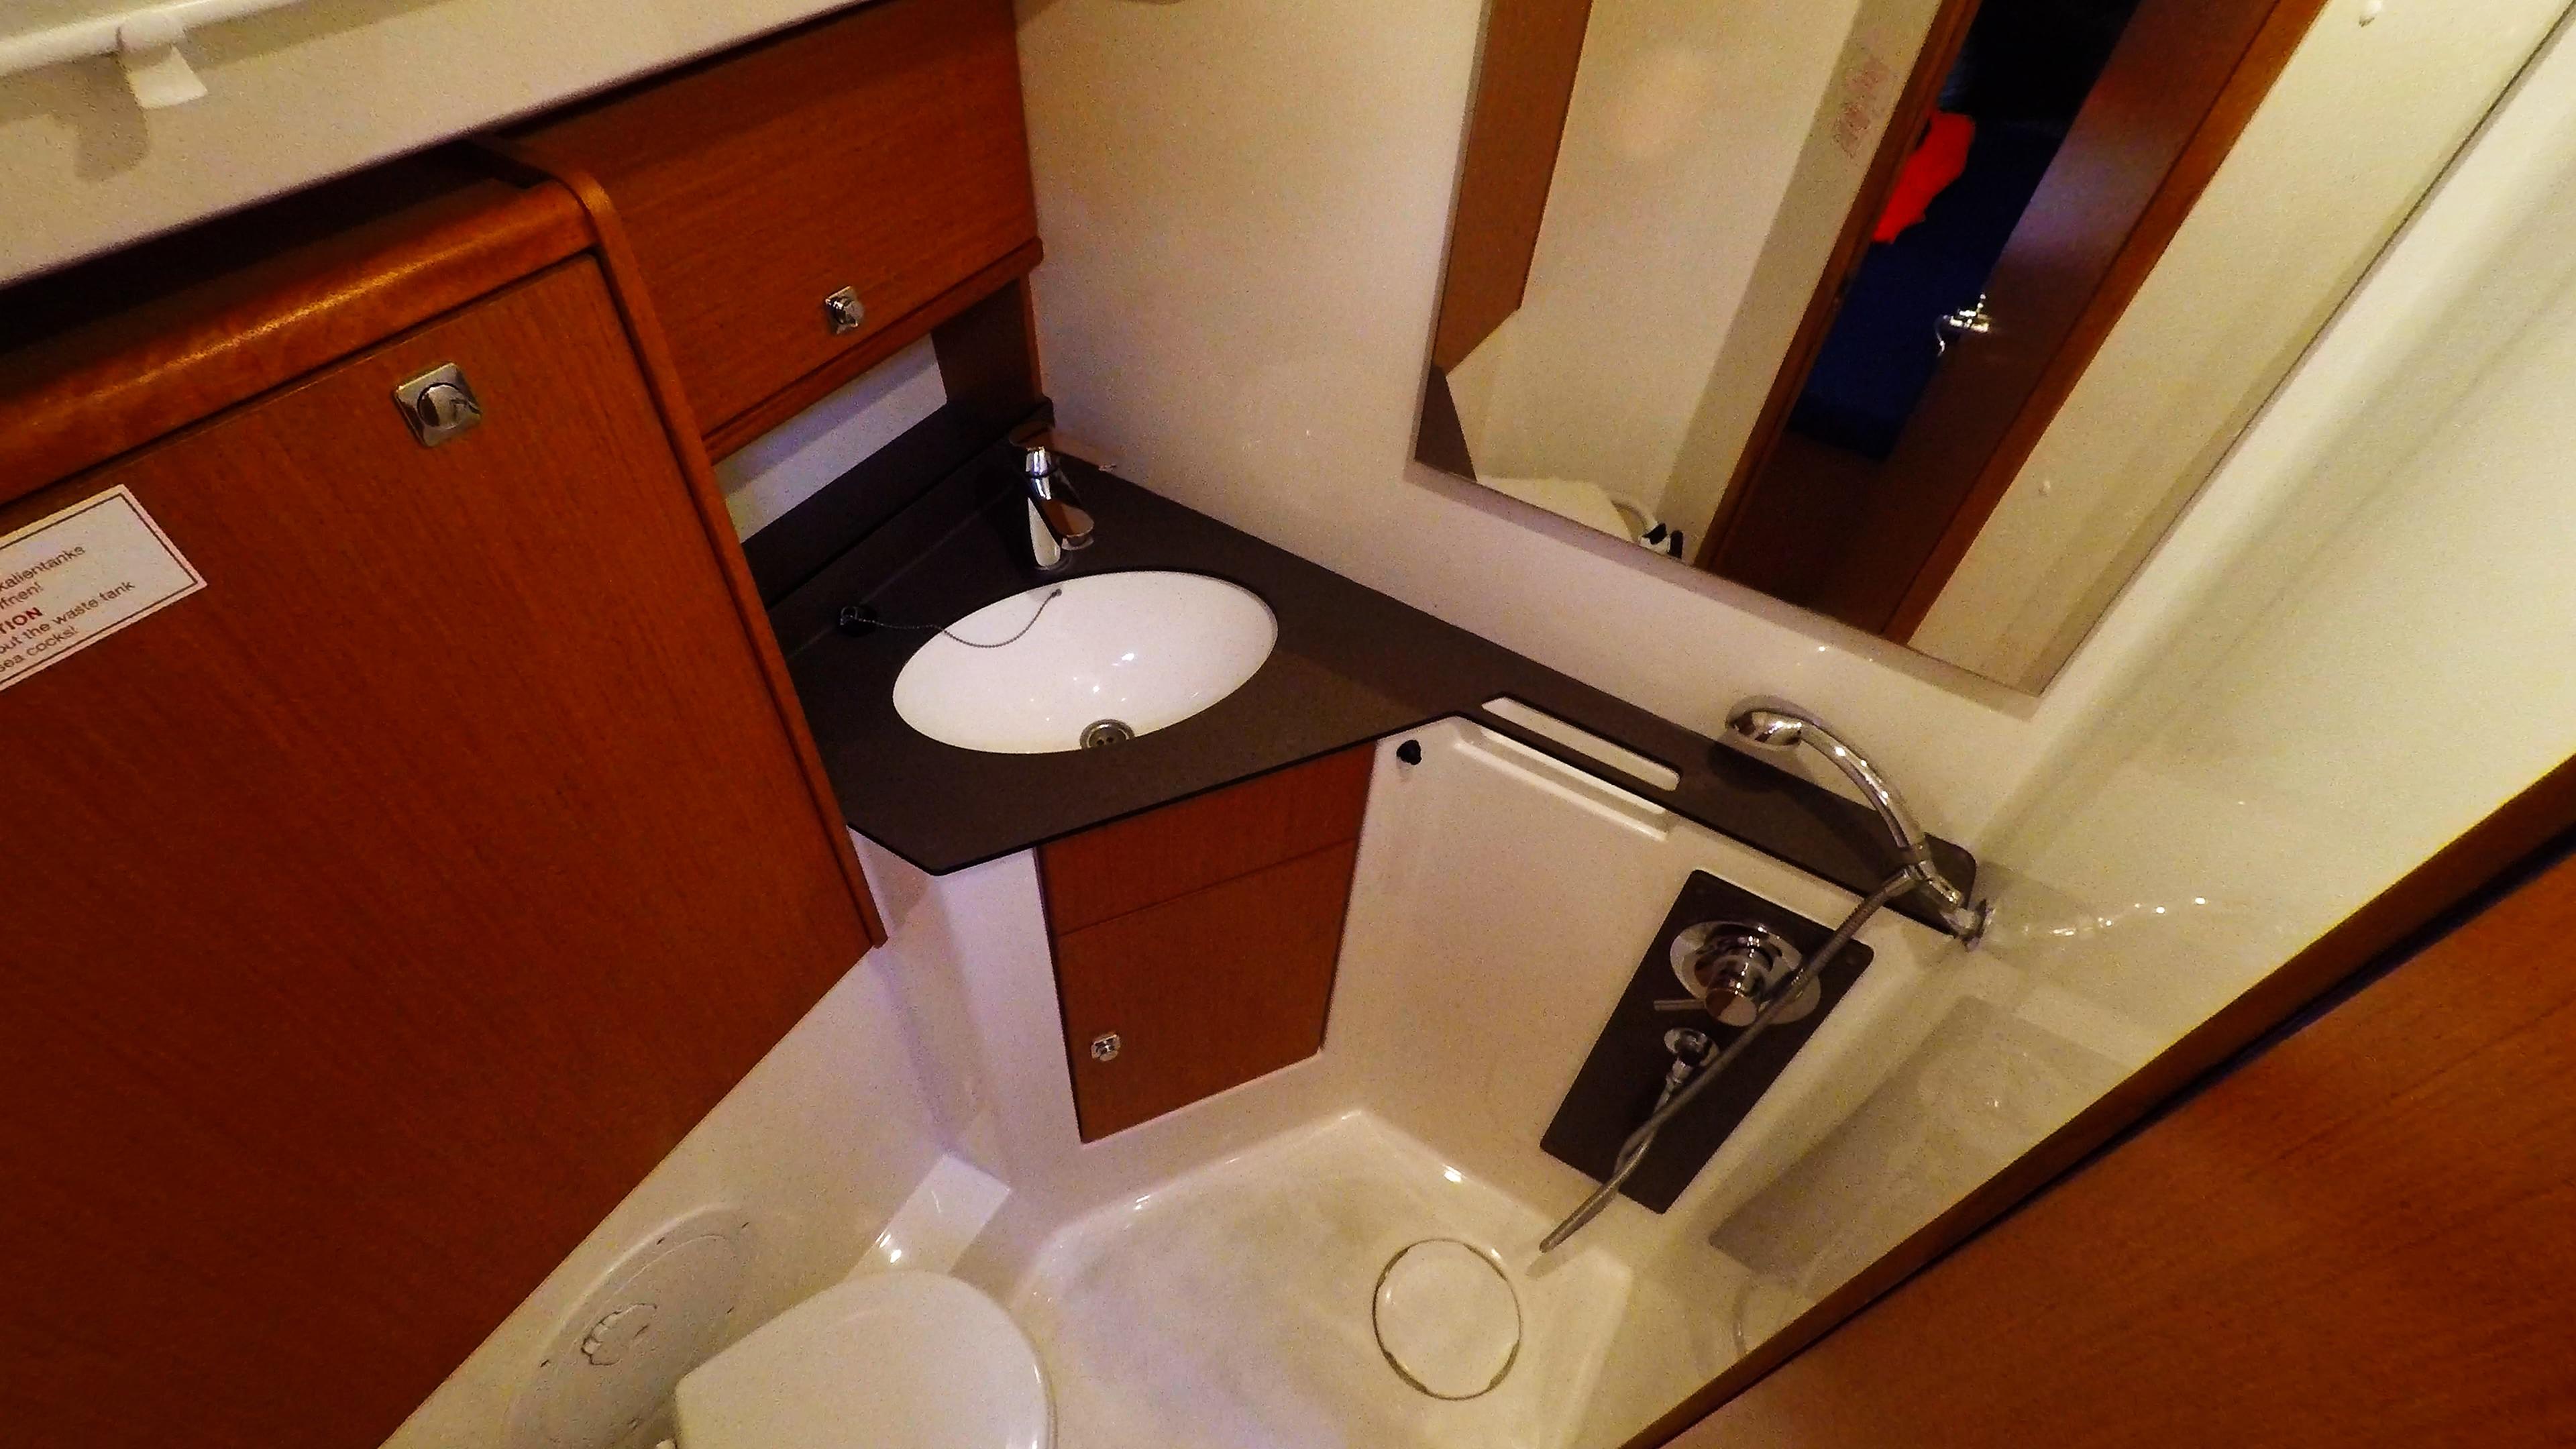 Segelyacht bavaria 46 cruiser Segelyacht Innere achtern links Toilette Toilette Dusche